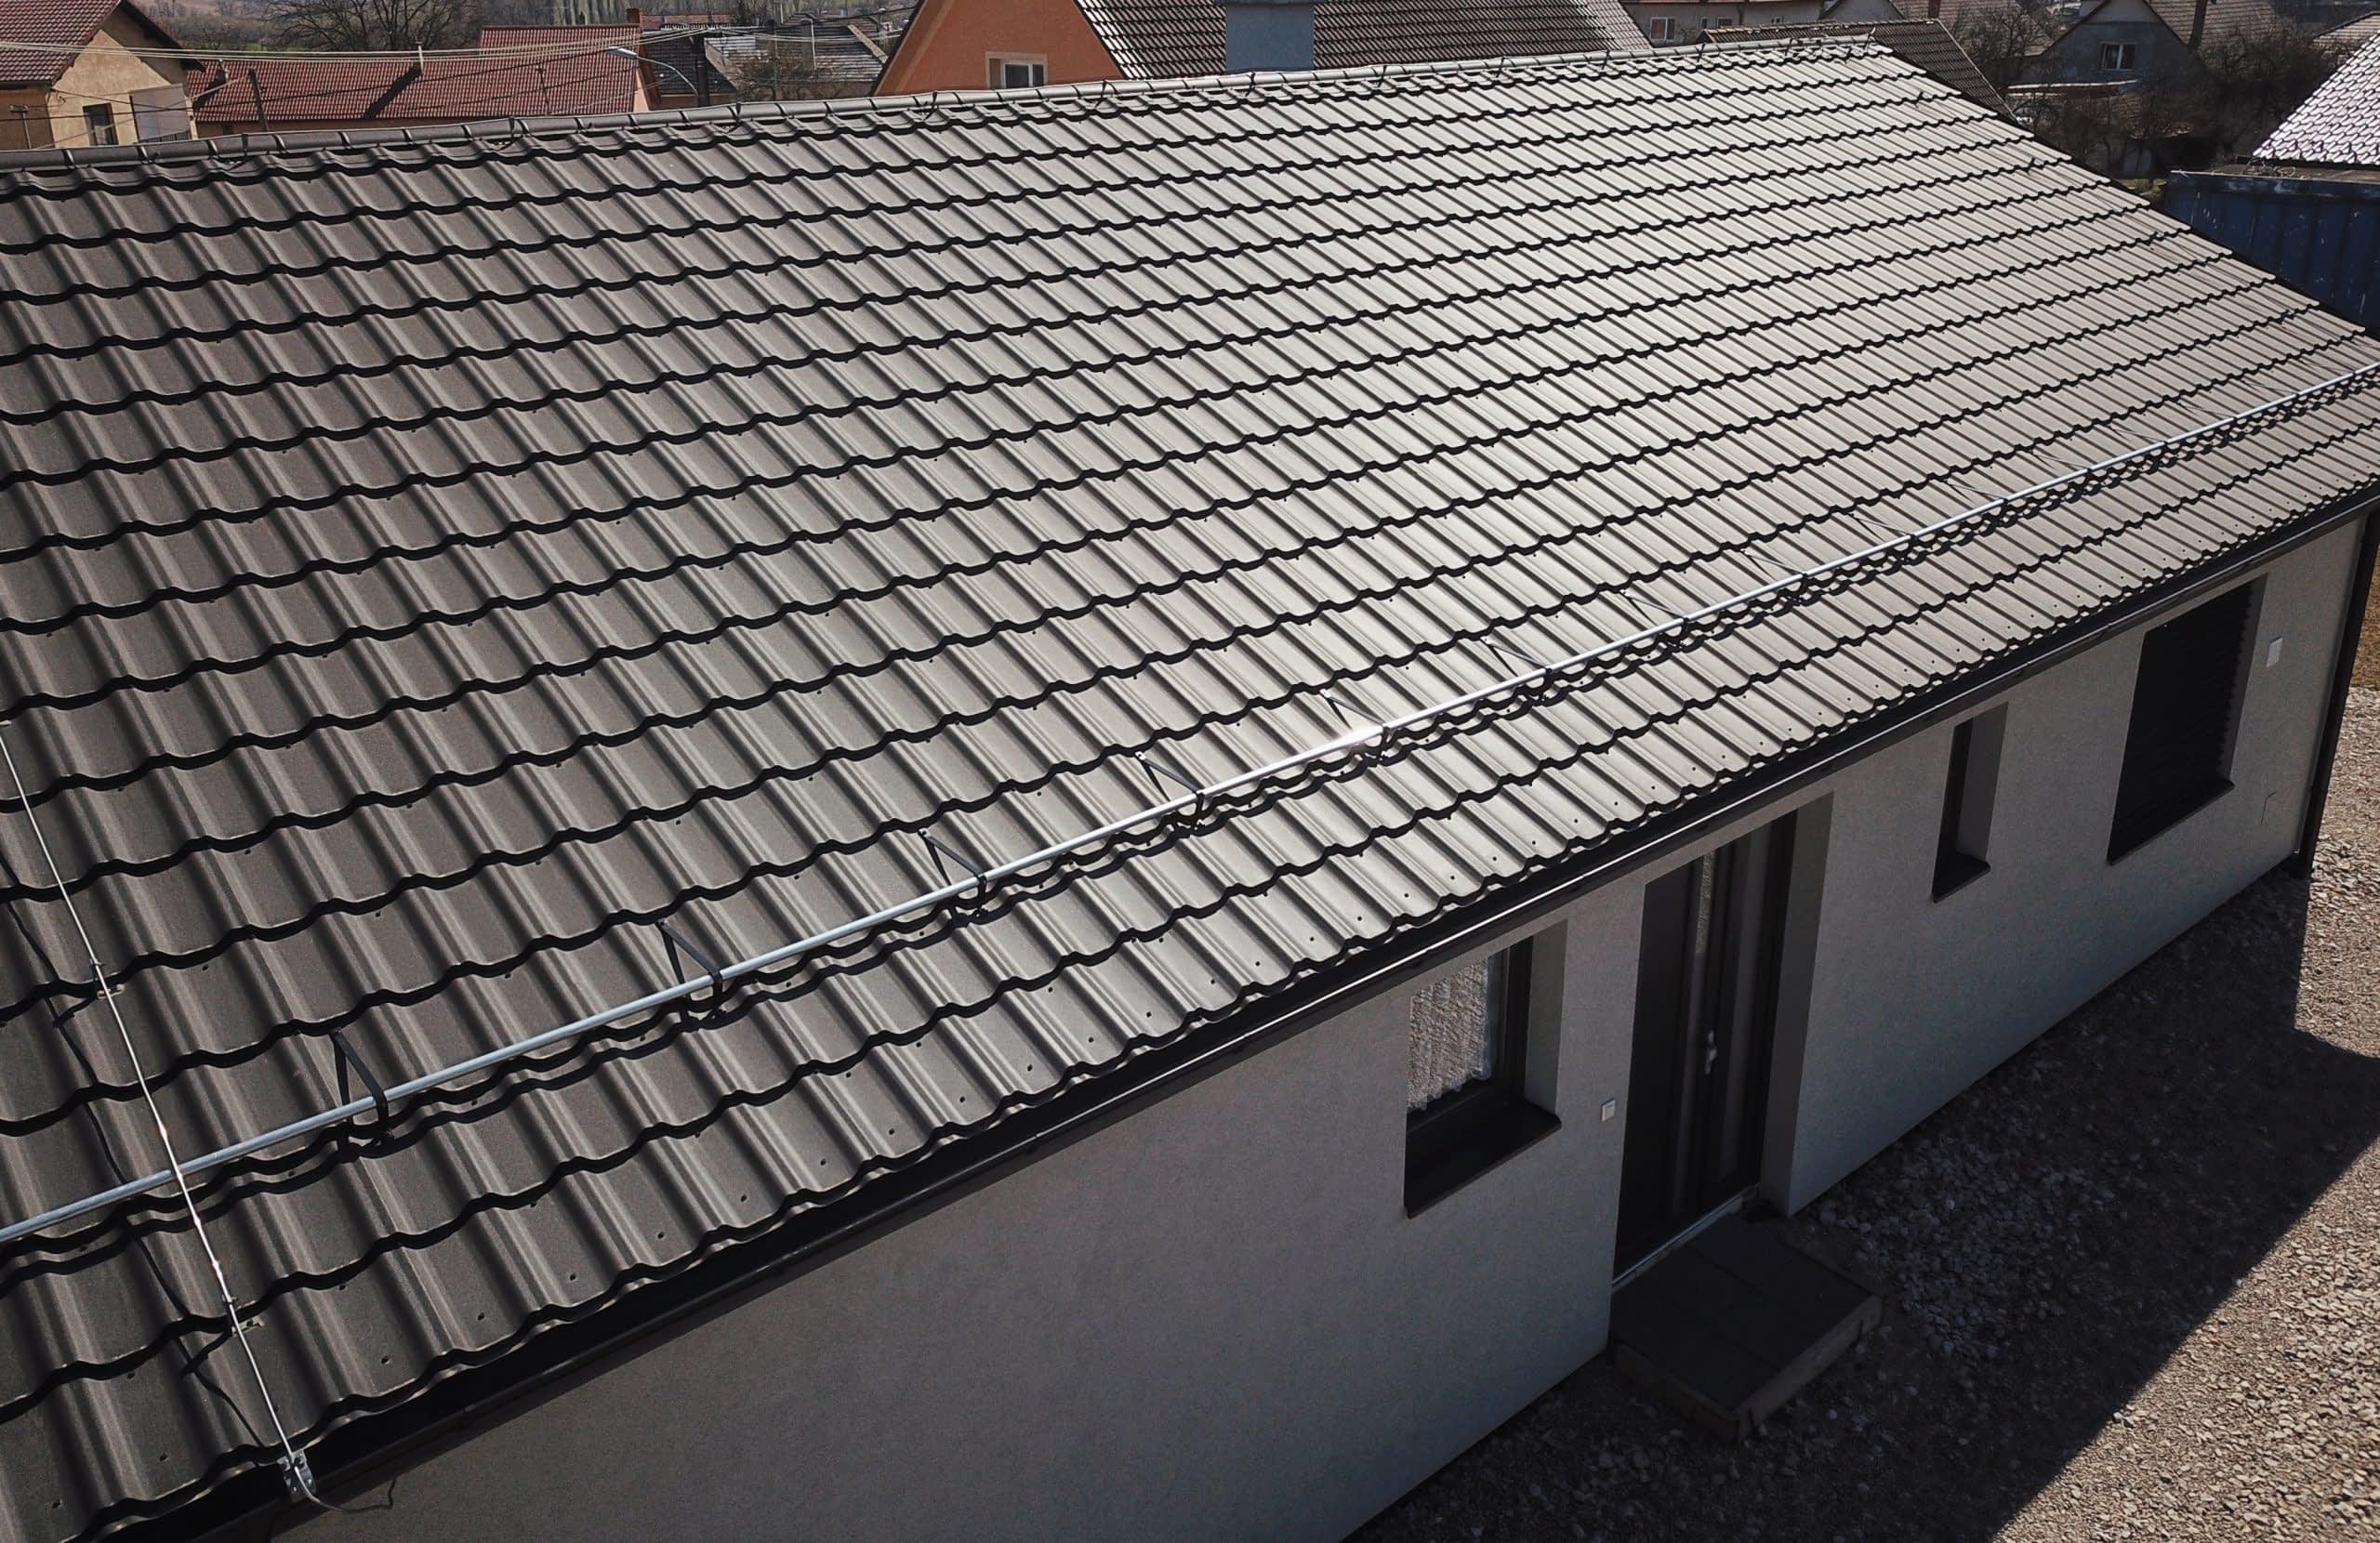 Koľko stojí nová strecha (100 m2) so všetkými nákladmi na ňu?